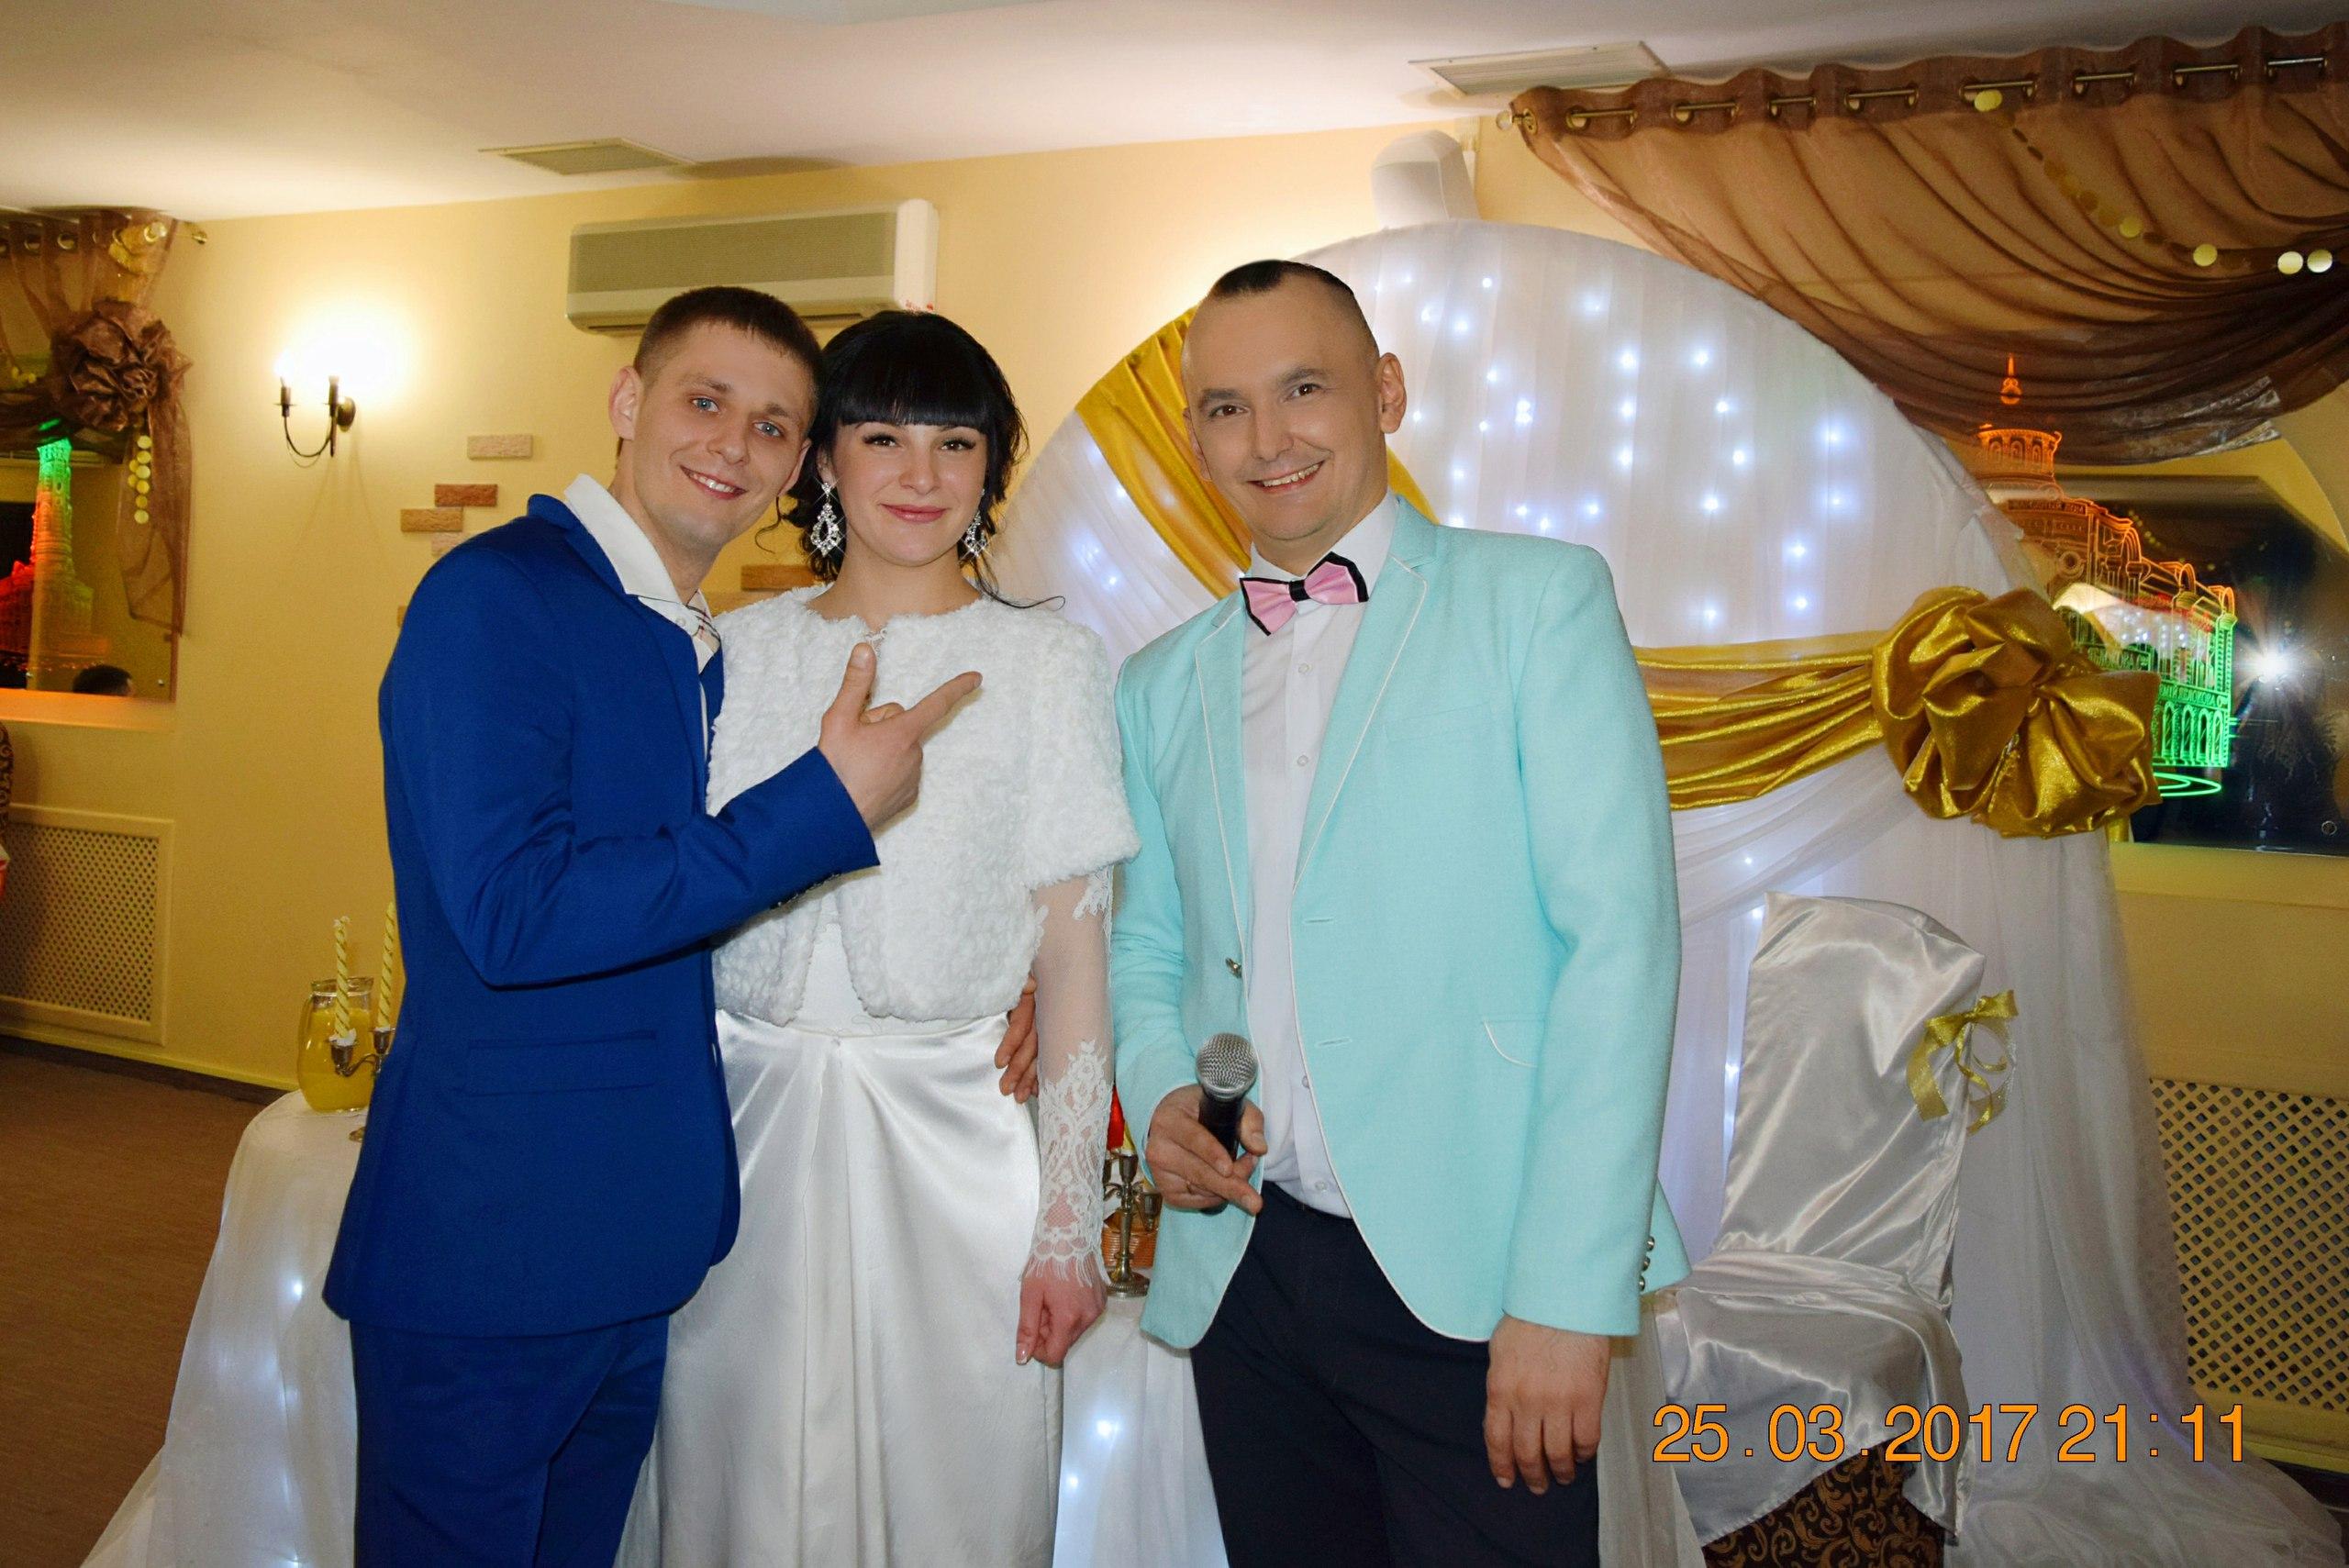 Свадьба Данила и Анастасии. Сайт свадебного ведущего Павла Июльского